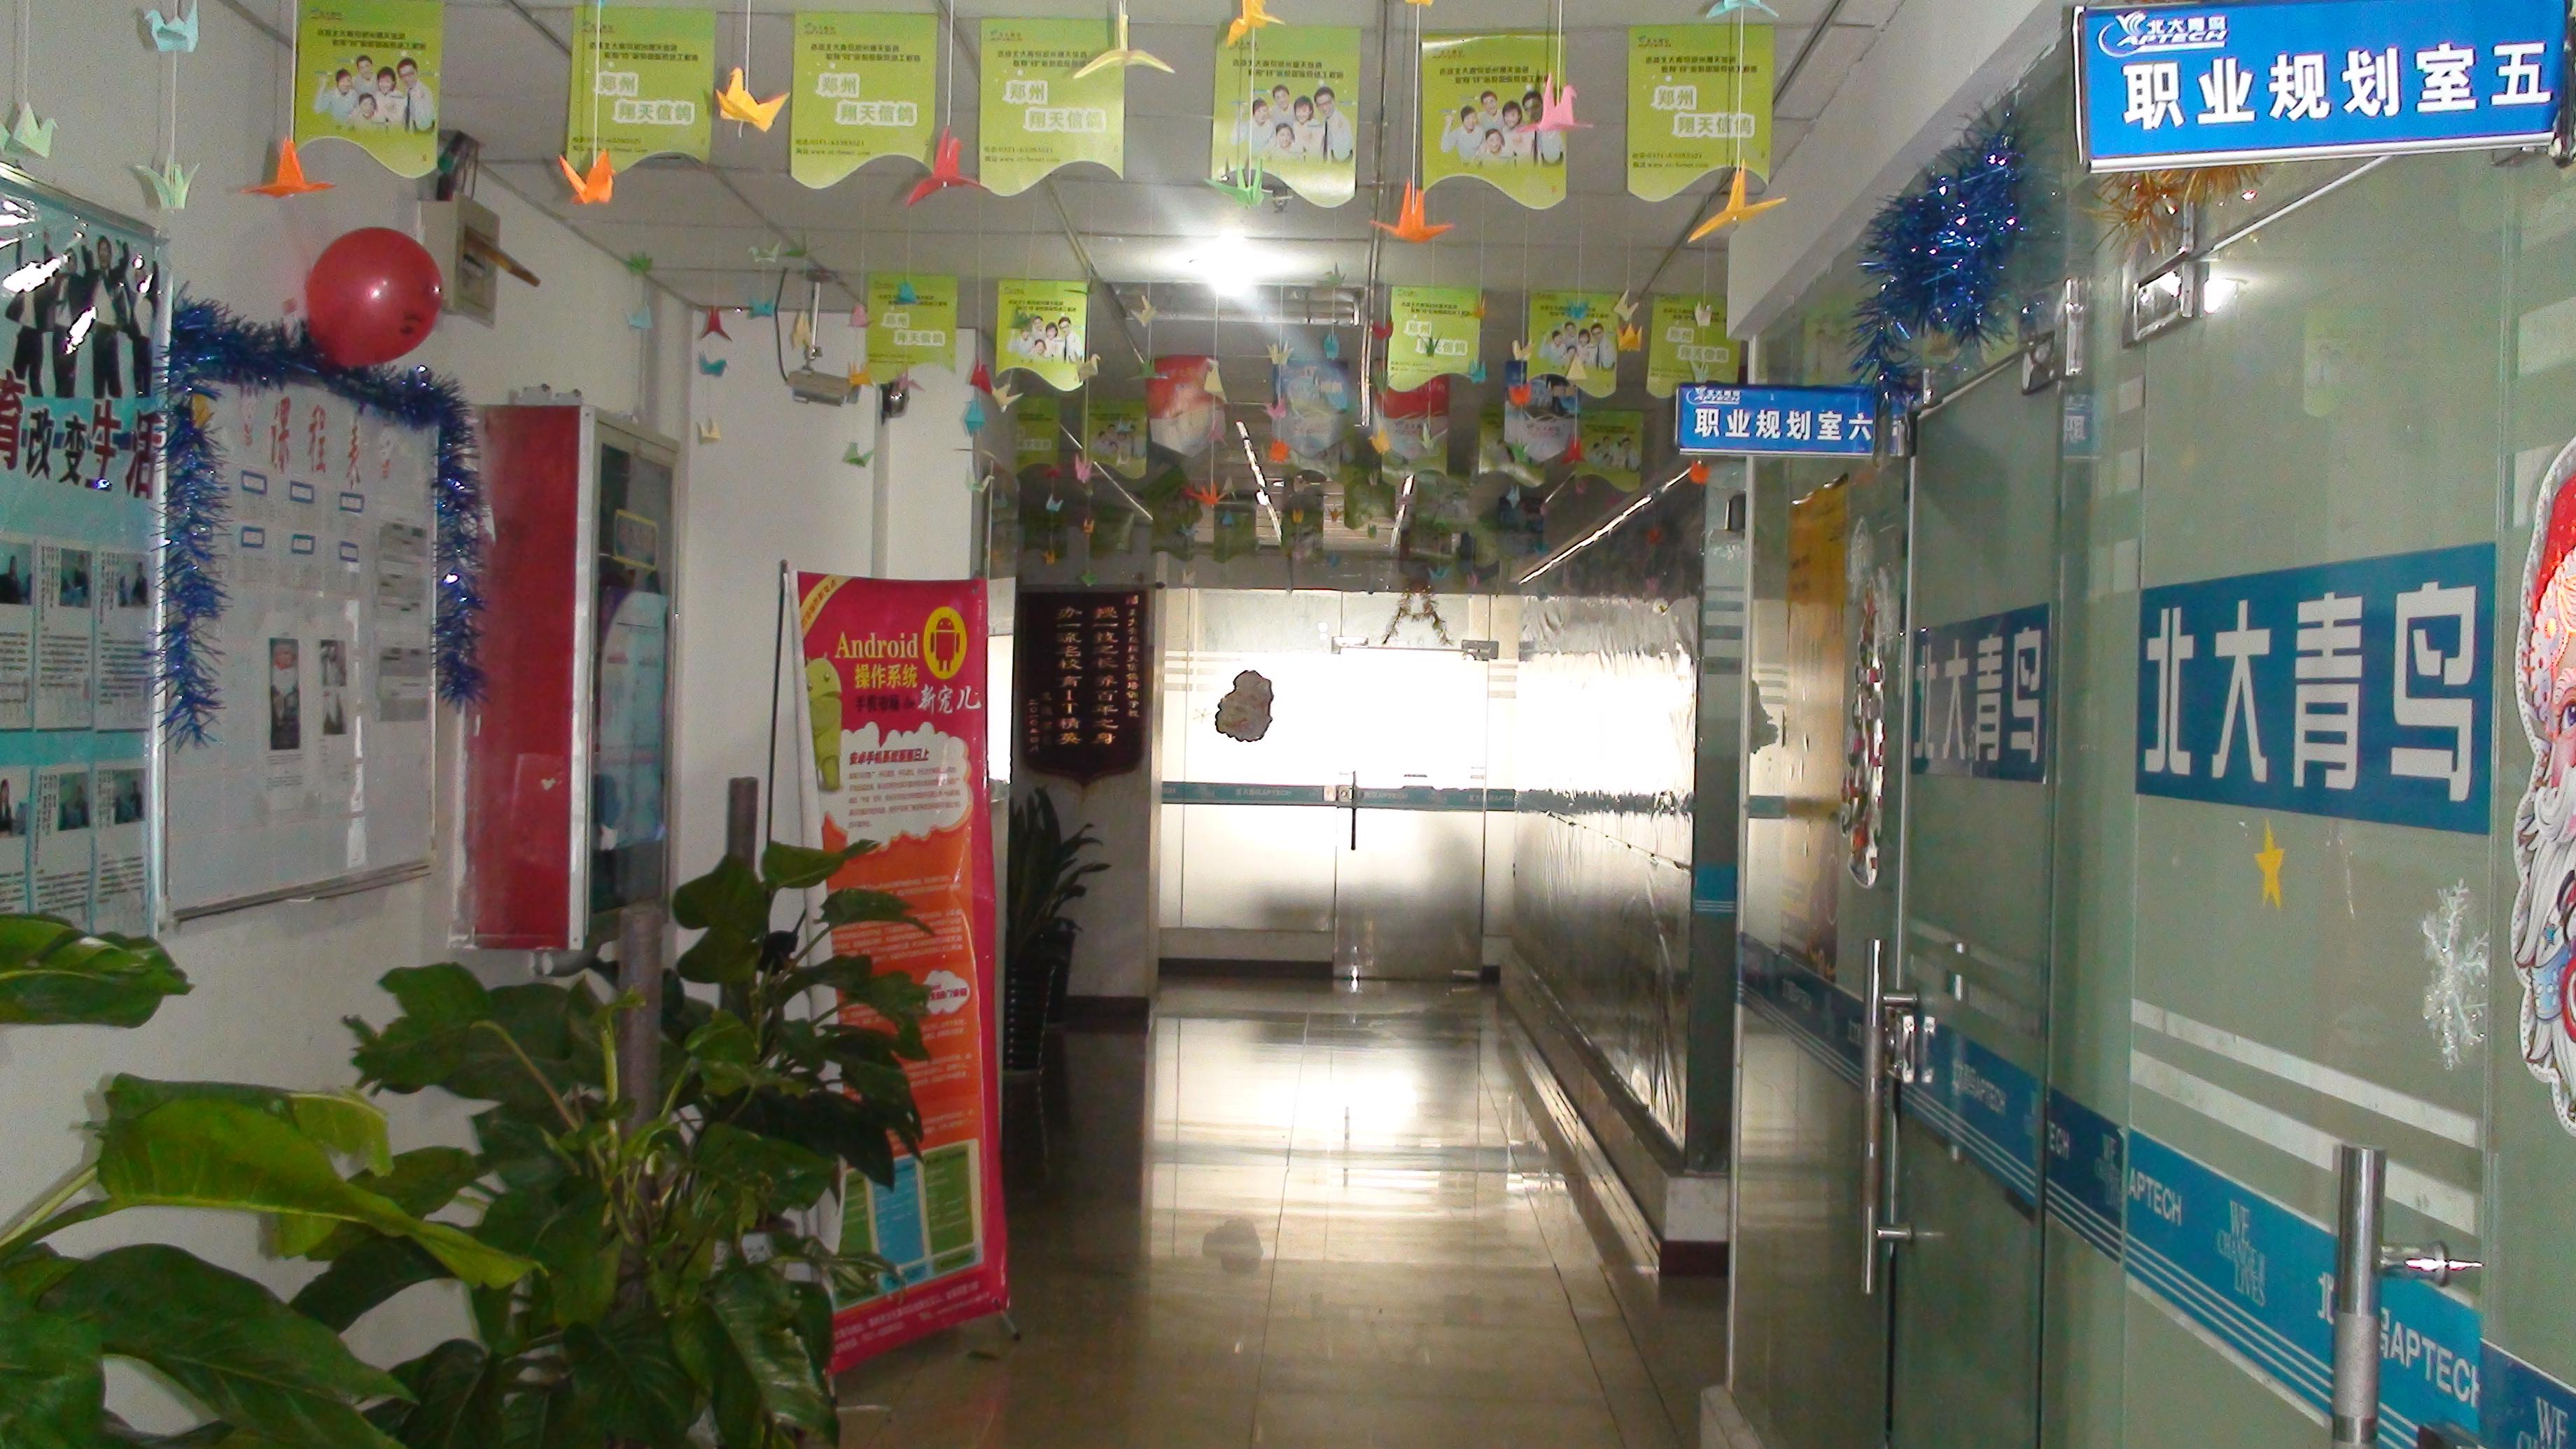 郑州北大青鸟公司化环境